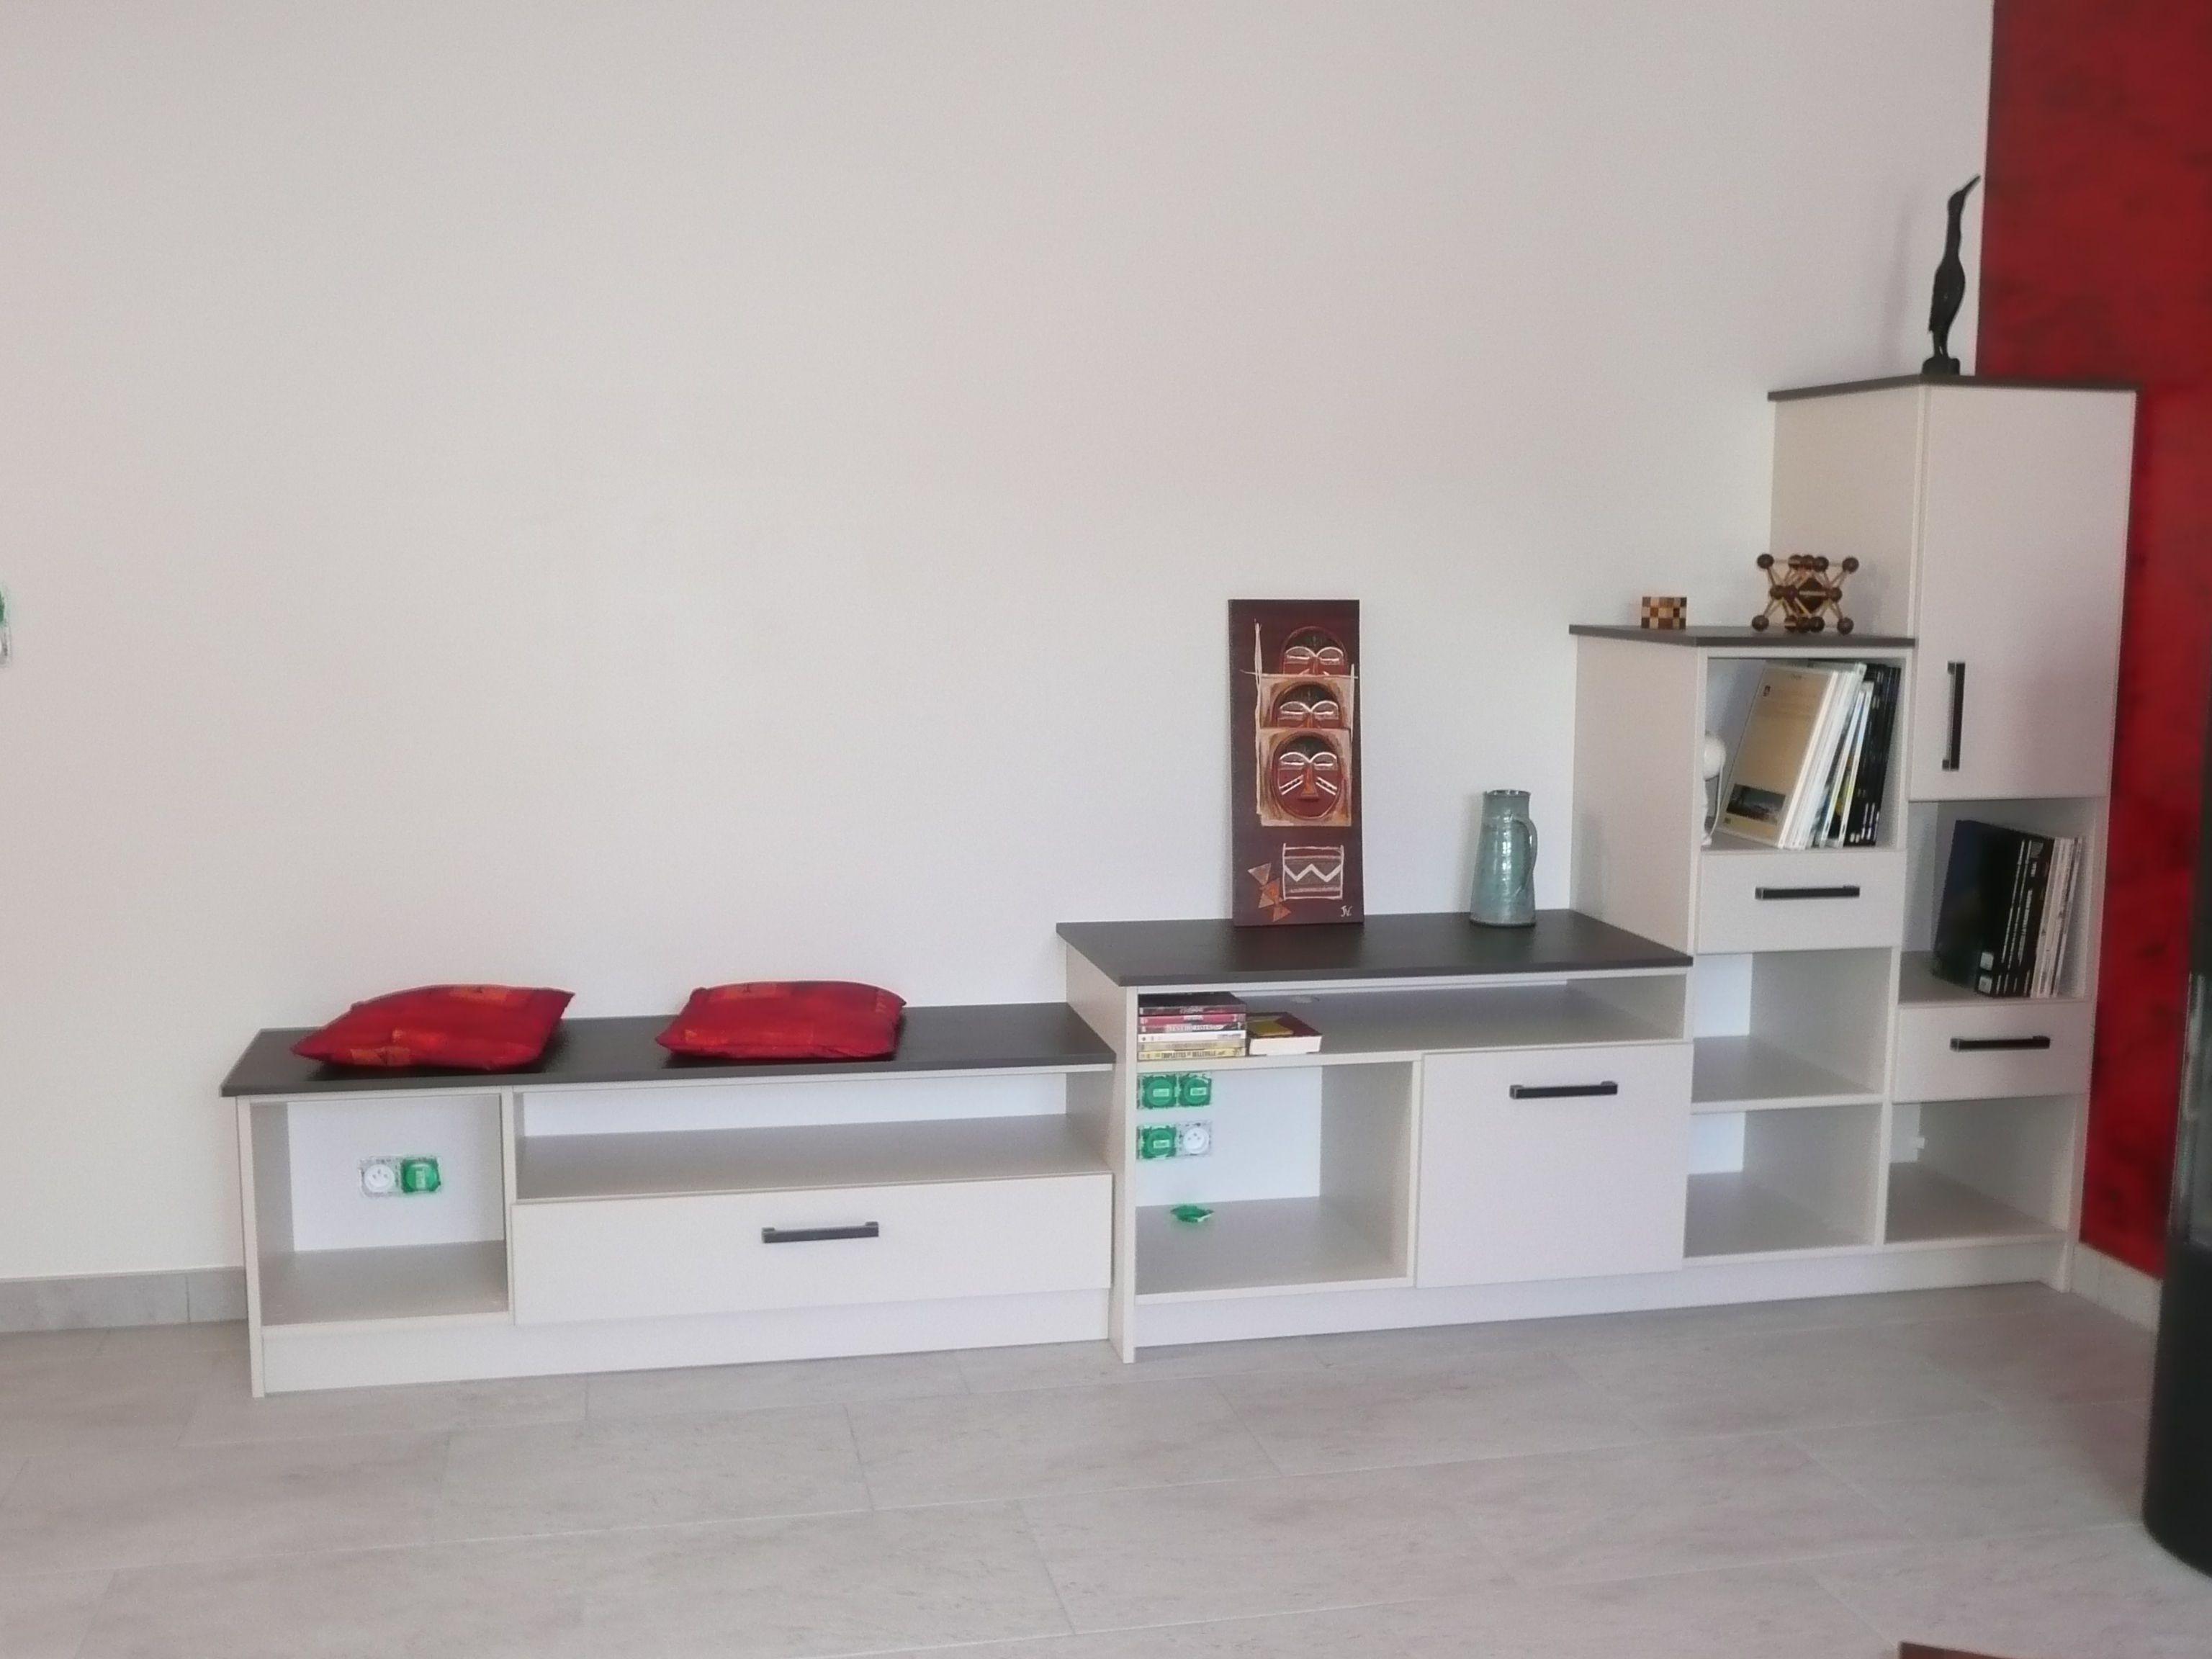 Petit meuble bas de salon avec placards et tiroirs avec possibilité